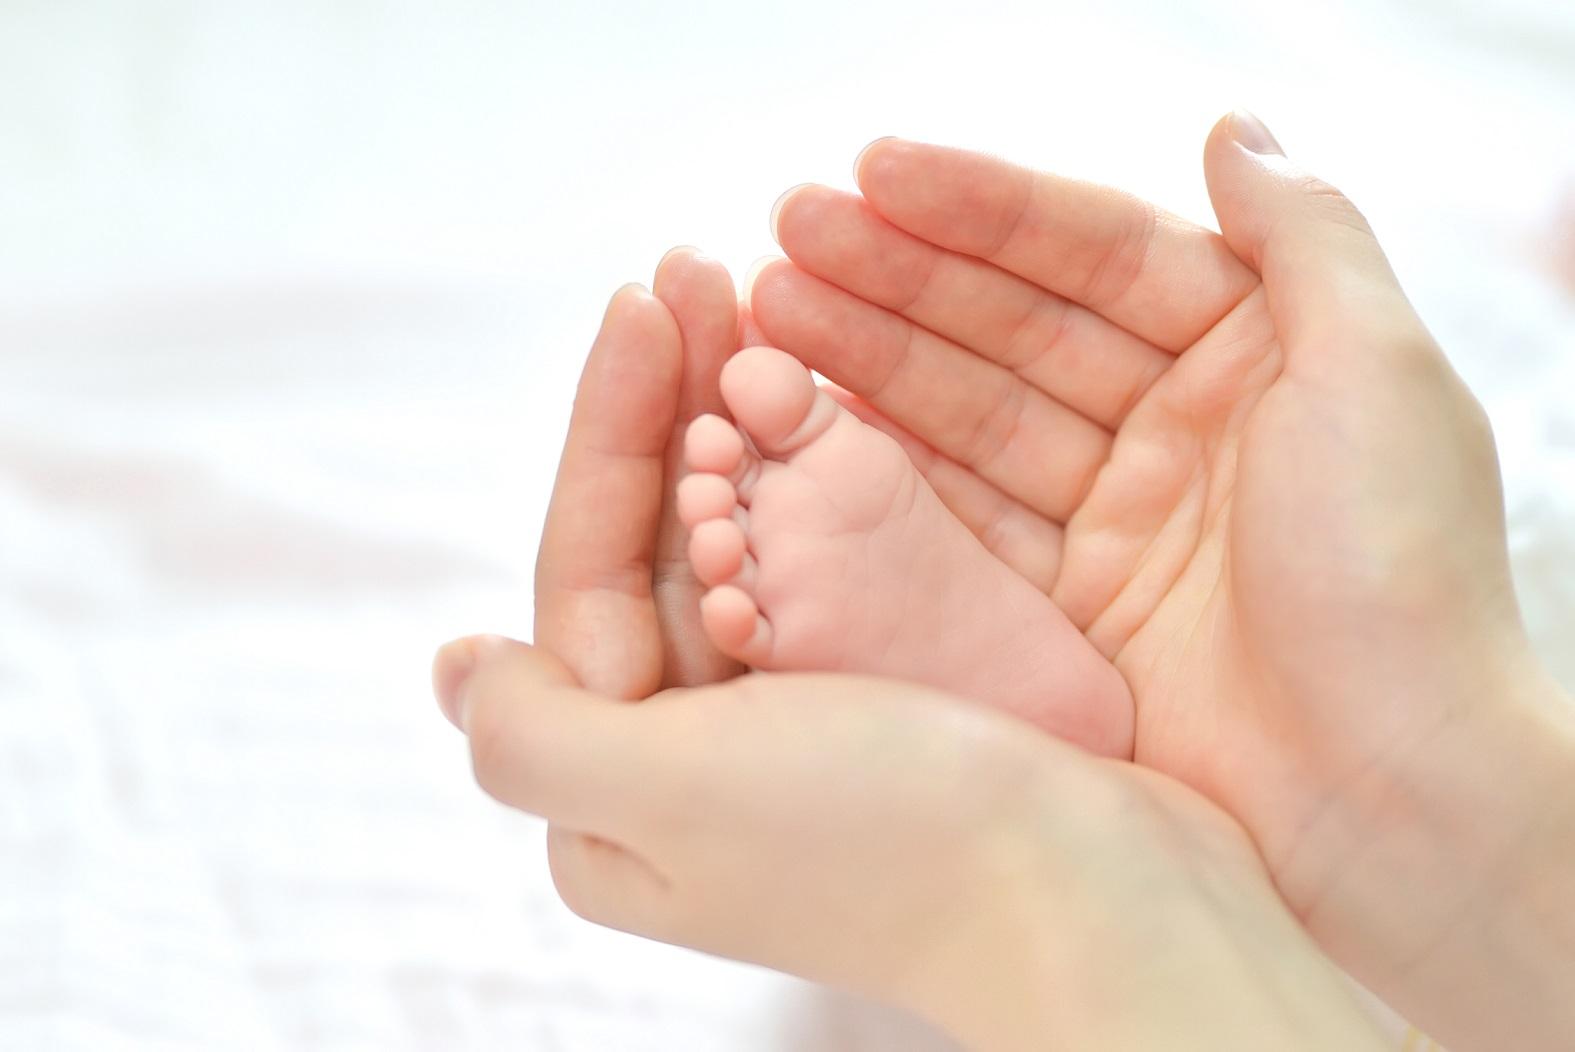 Pielęgnacja delikatnej skóry dziecka i noworodka